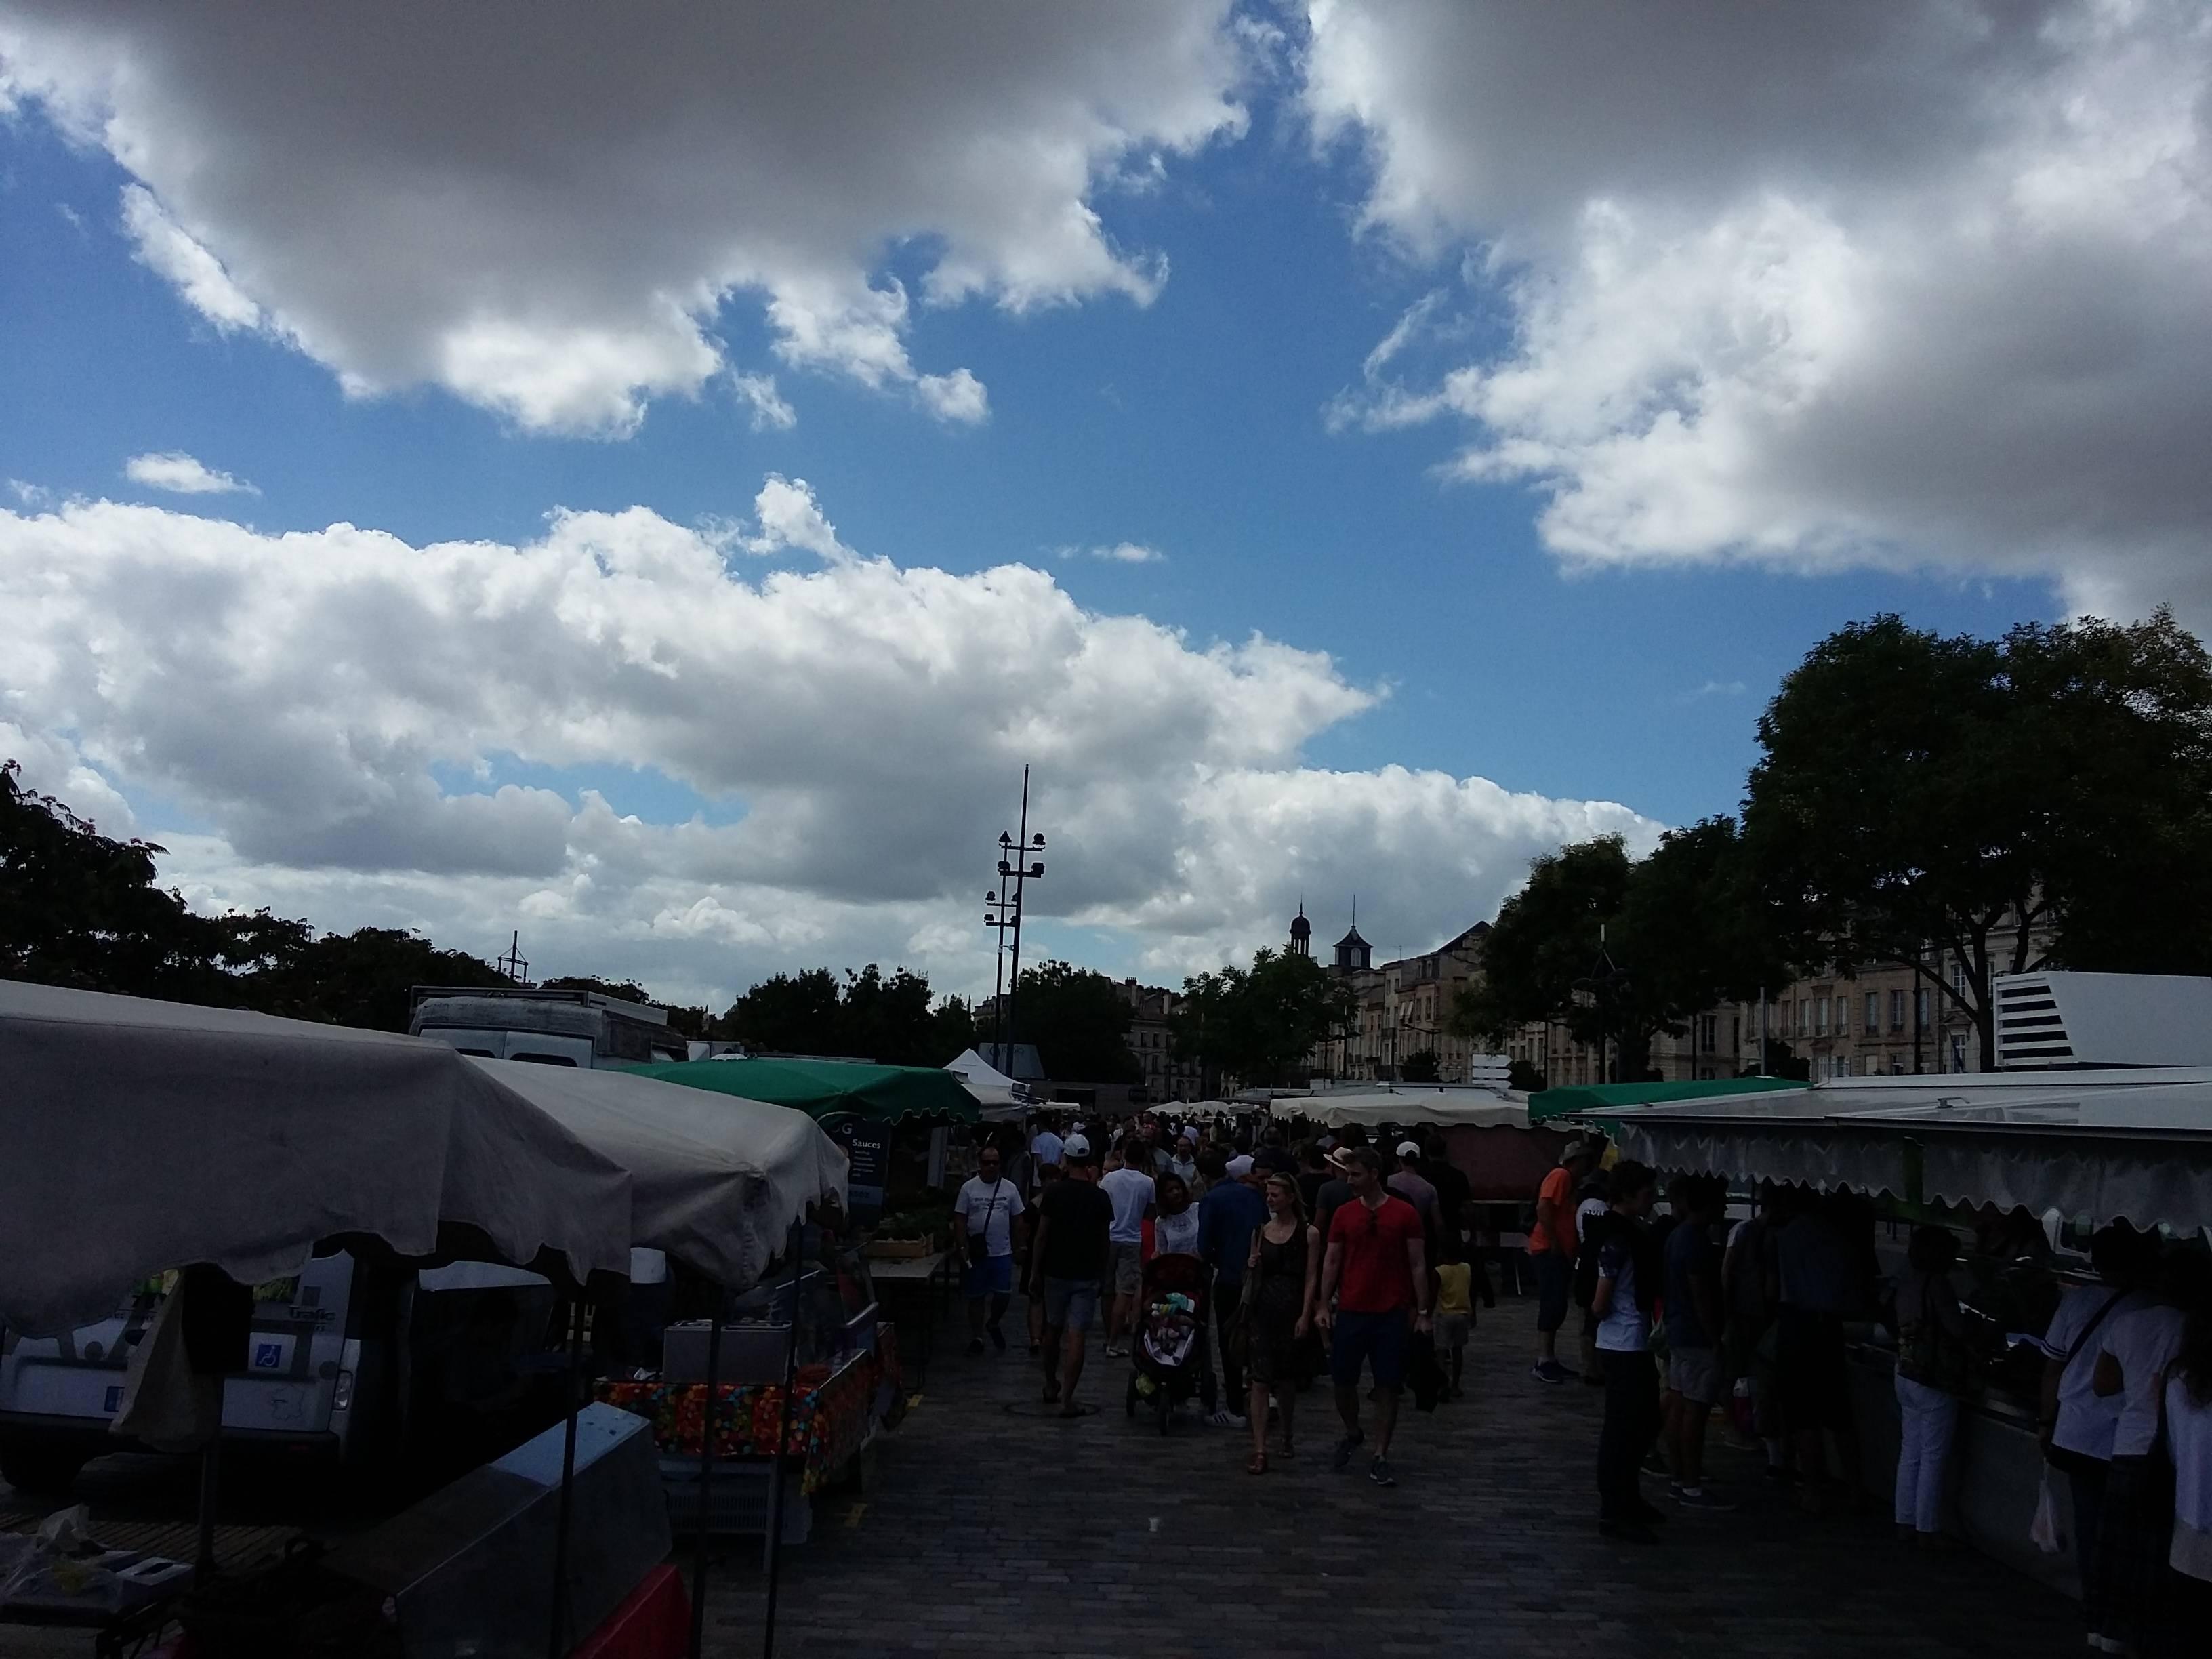 Photo 1: Marché des Chartrons le dimanche matin